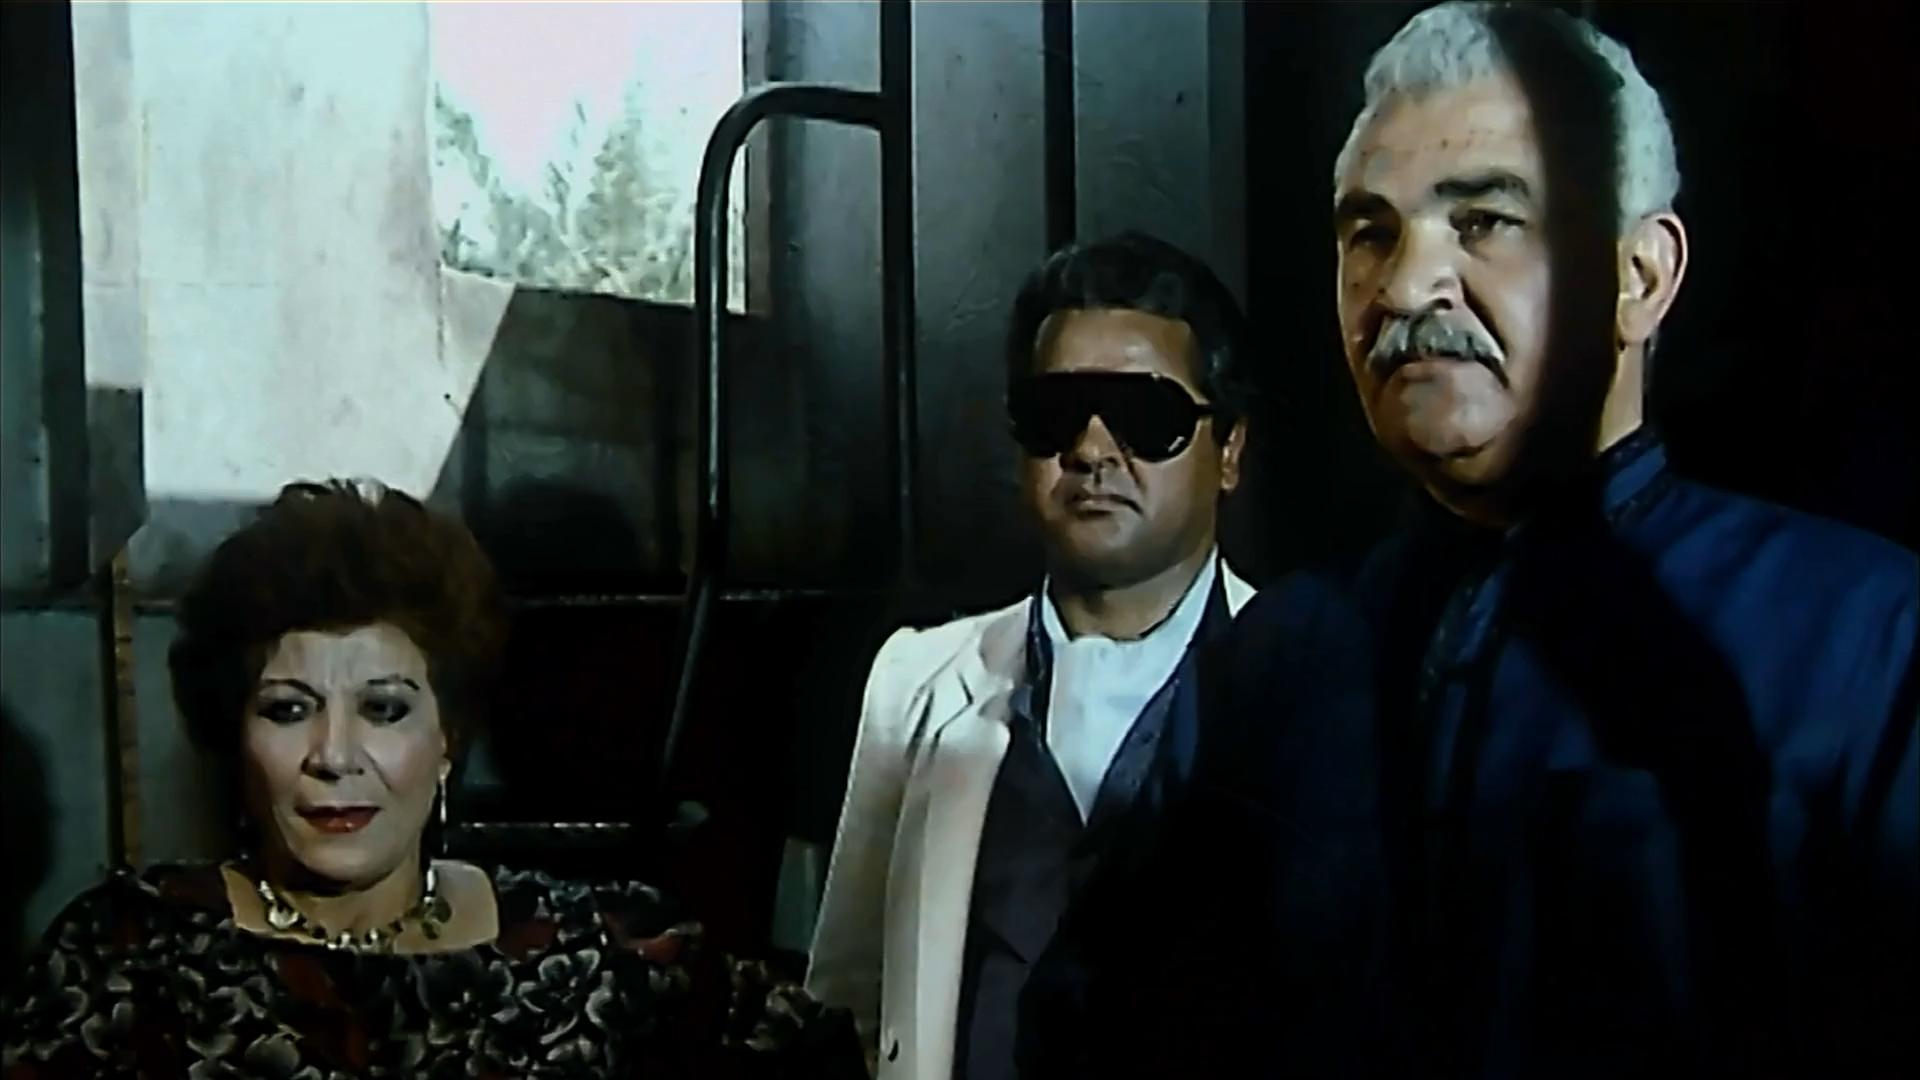 [فيلم][تورنت][تحميل][النمر والأنثى][1987][1080p][HDTV] 2 arabp2p.com